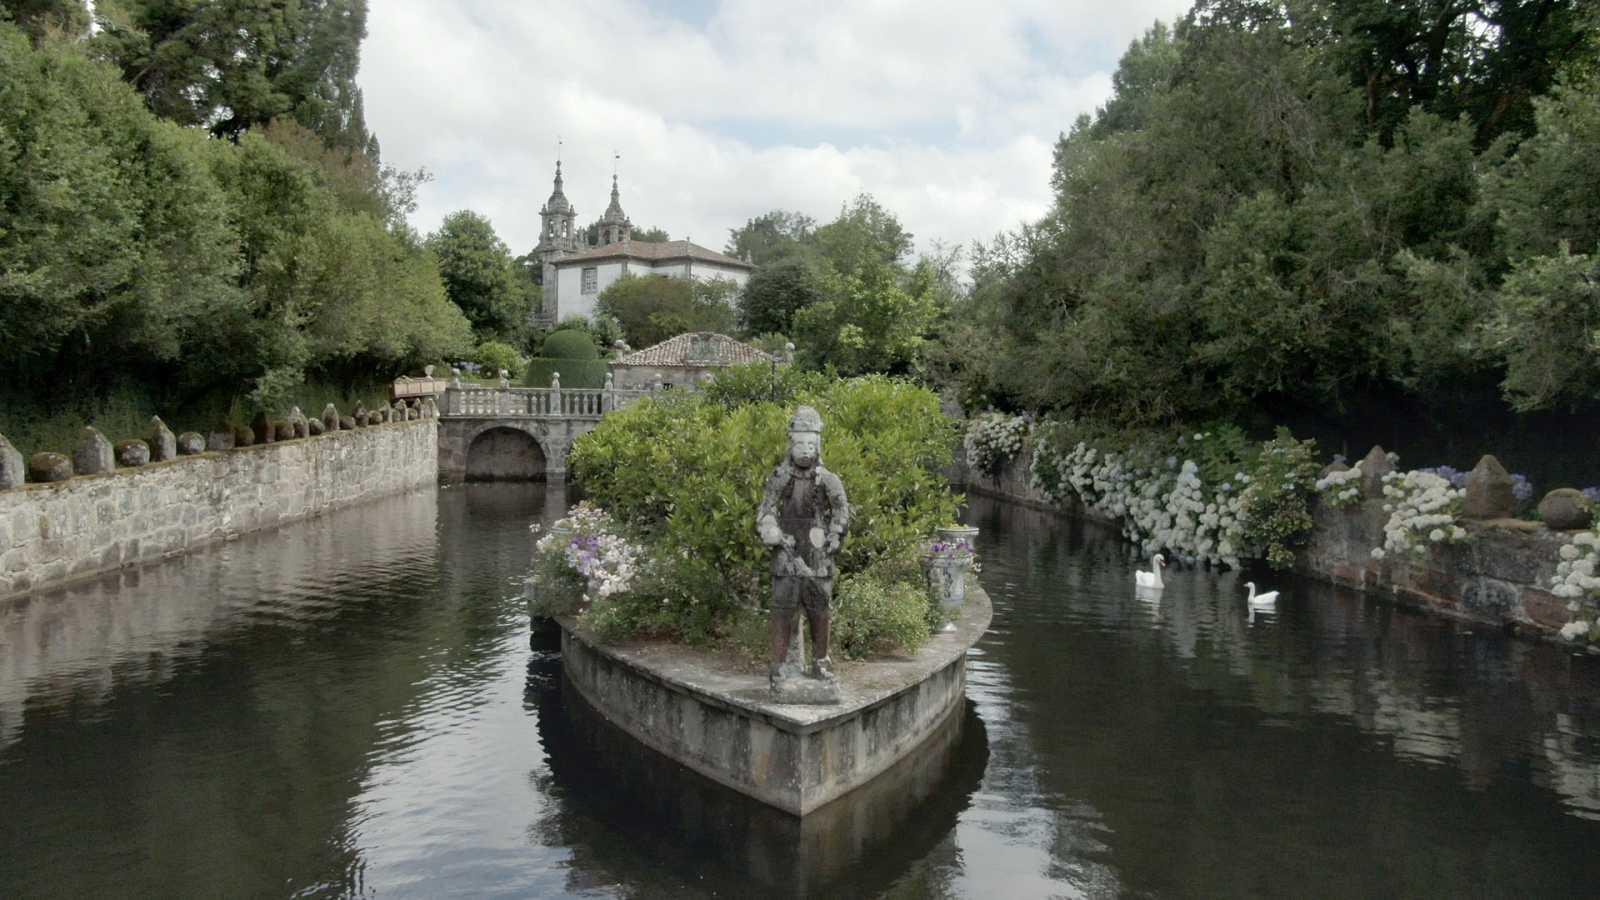 Jardines con historia - Galicia: pazos de Oca y Santa Cruz de Rivadulla - ver ahora